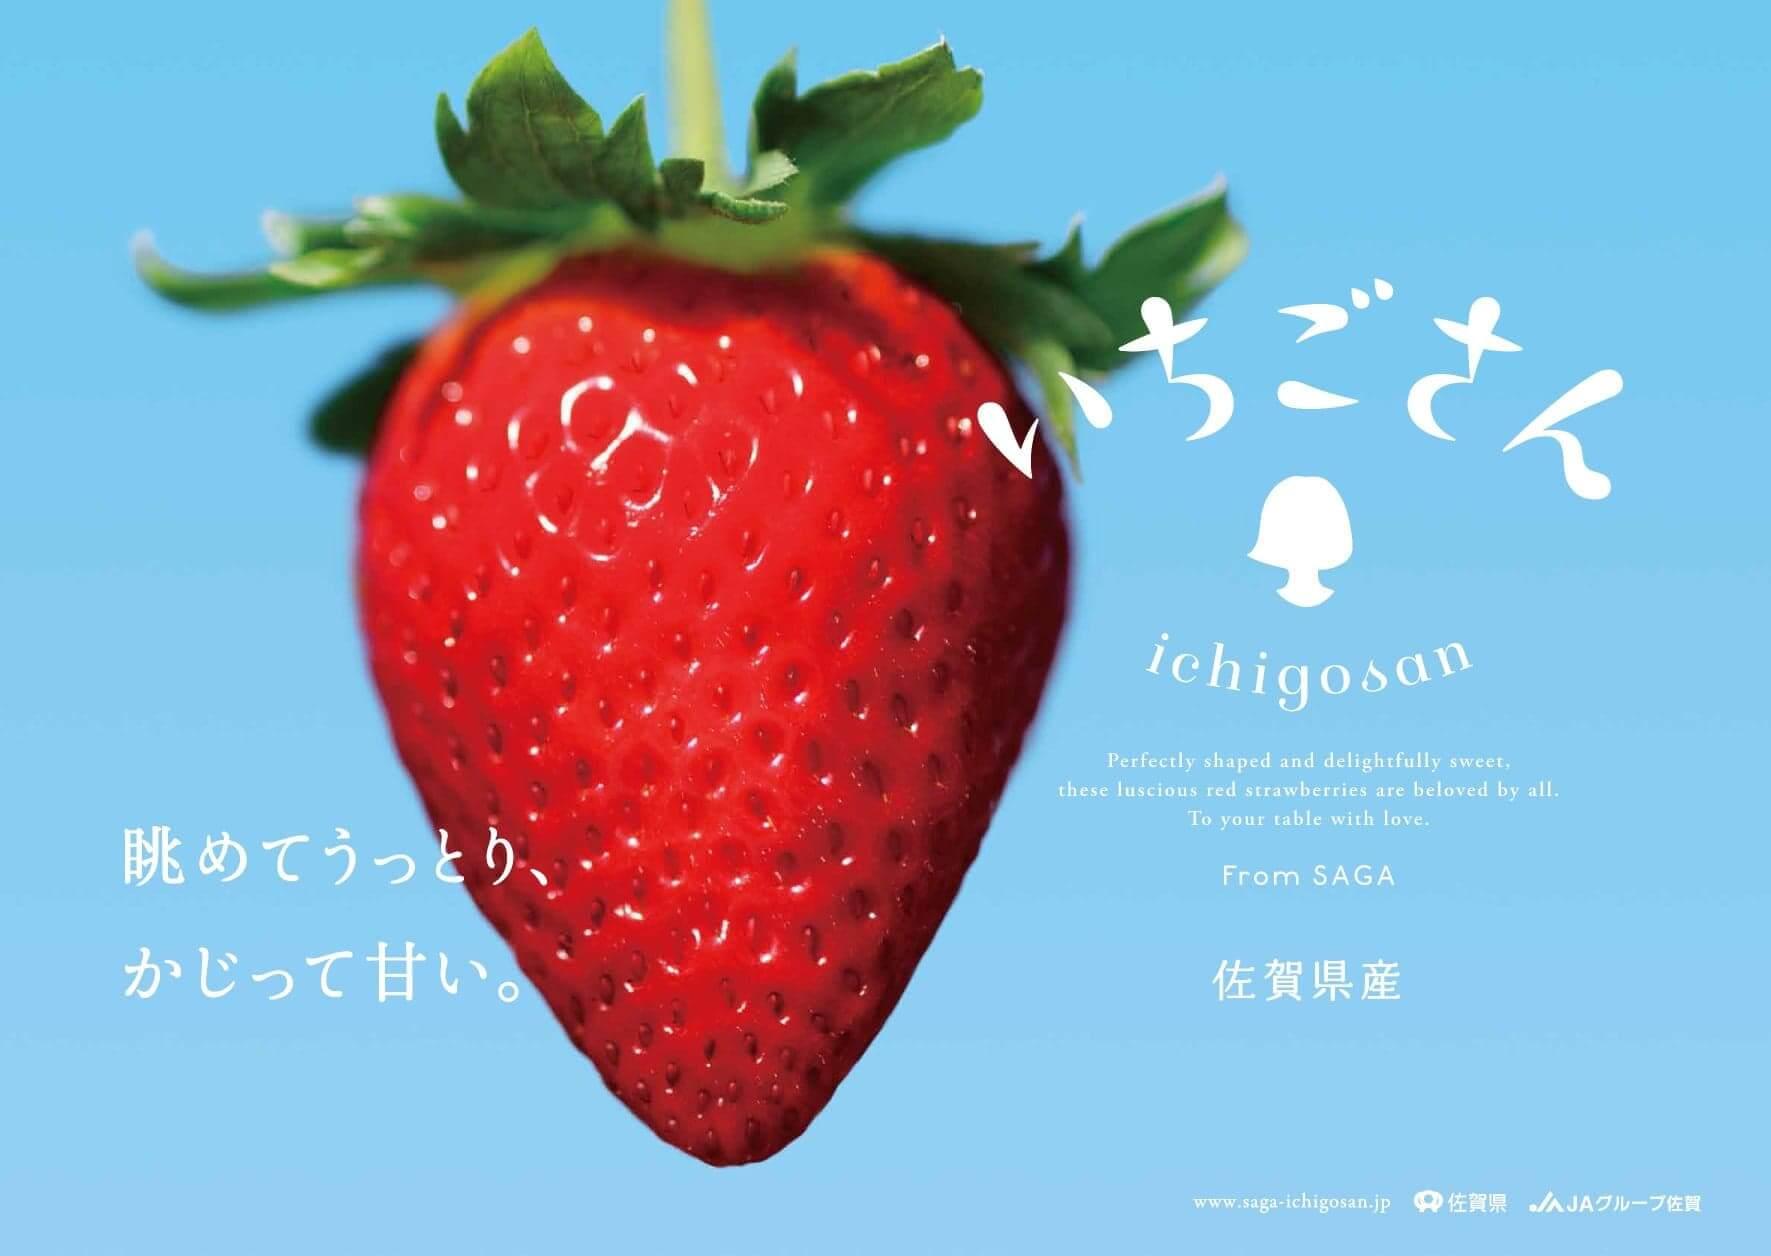 官方形容「佐賀莓小姐」是散發自信魅力的少女,因為相比其他草莓,她擁有濃而不膩,特別清新口感,恰當好處的酸甜度,就像正值花樣年華的少女般甜美。